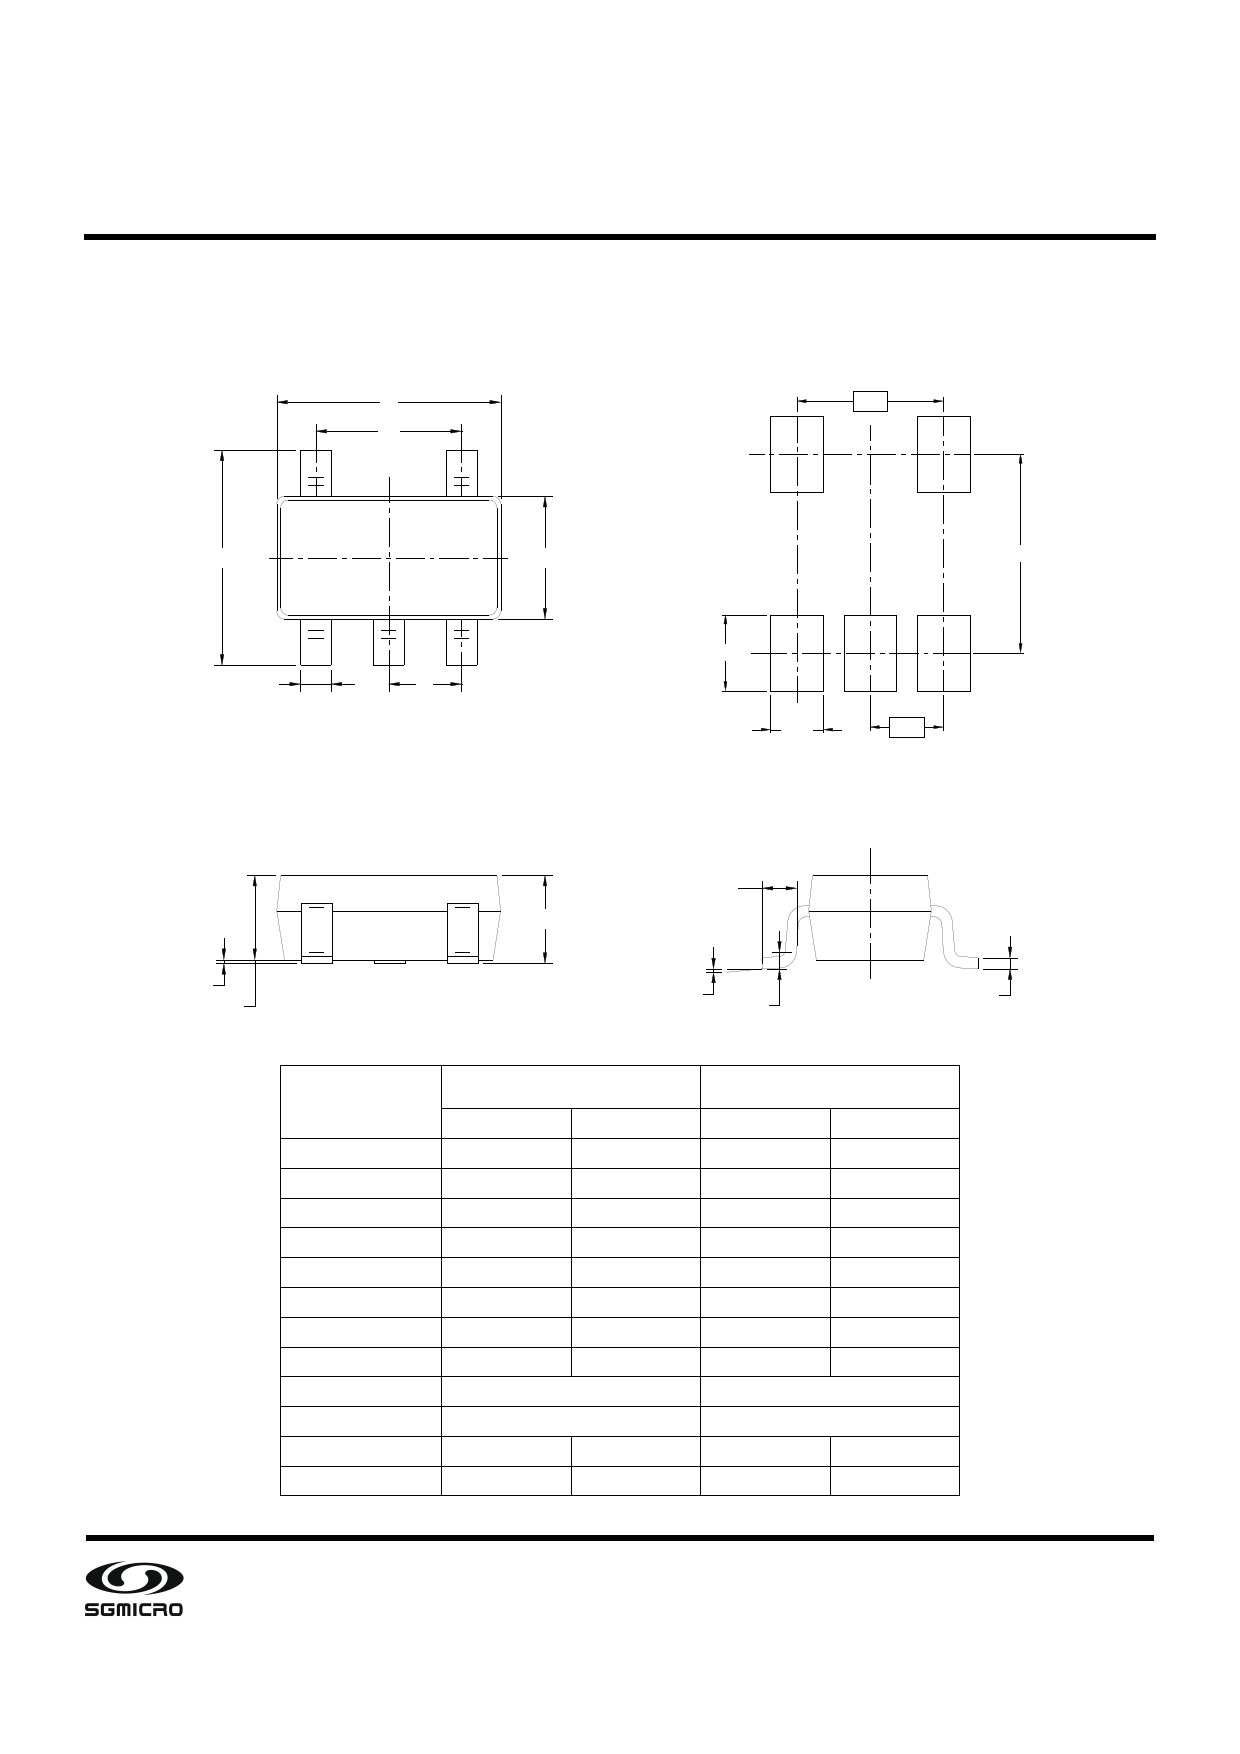 SGM8951 diode, scr